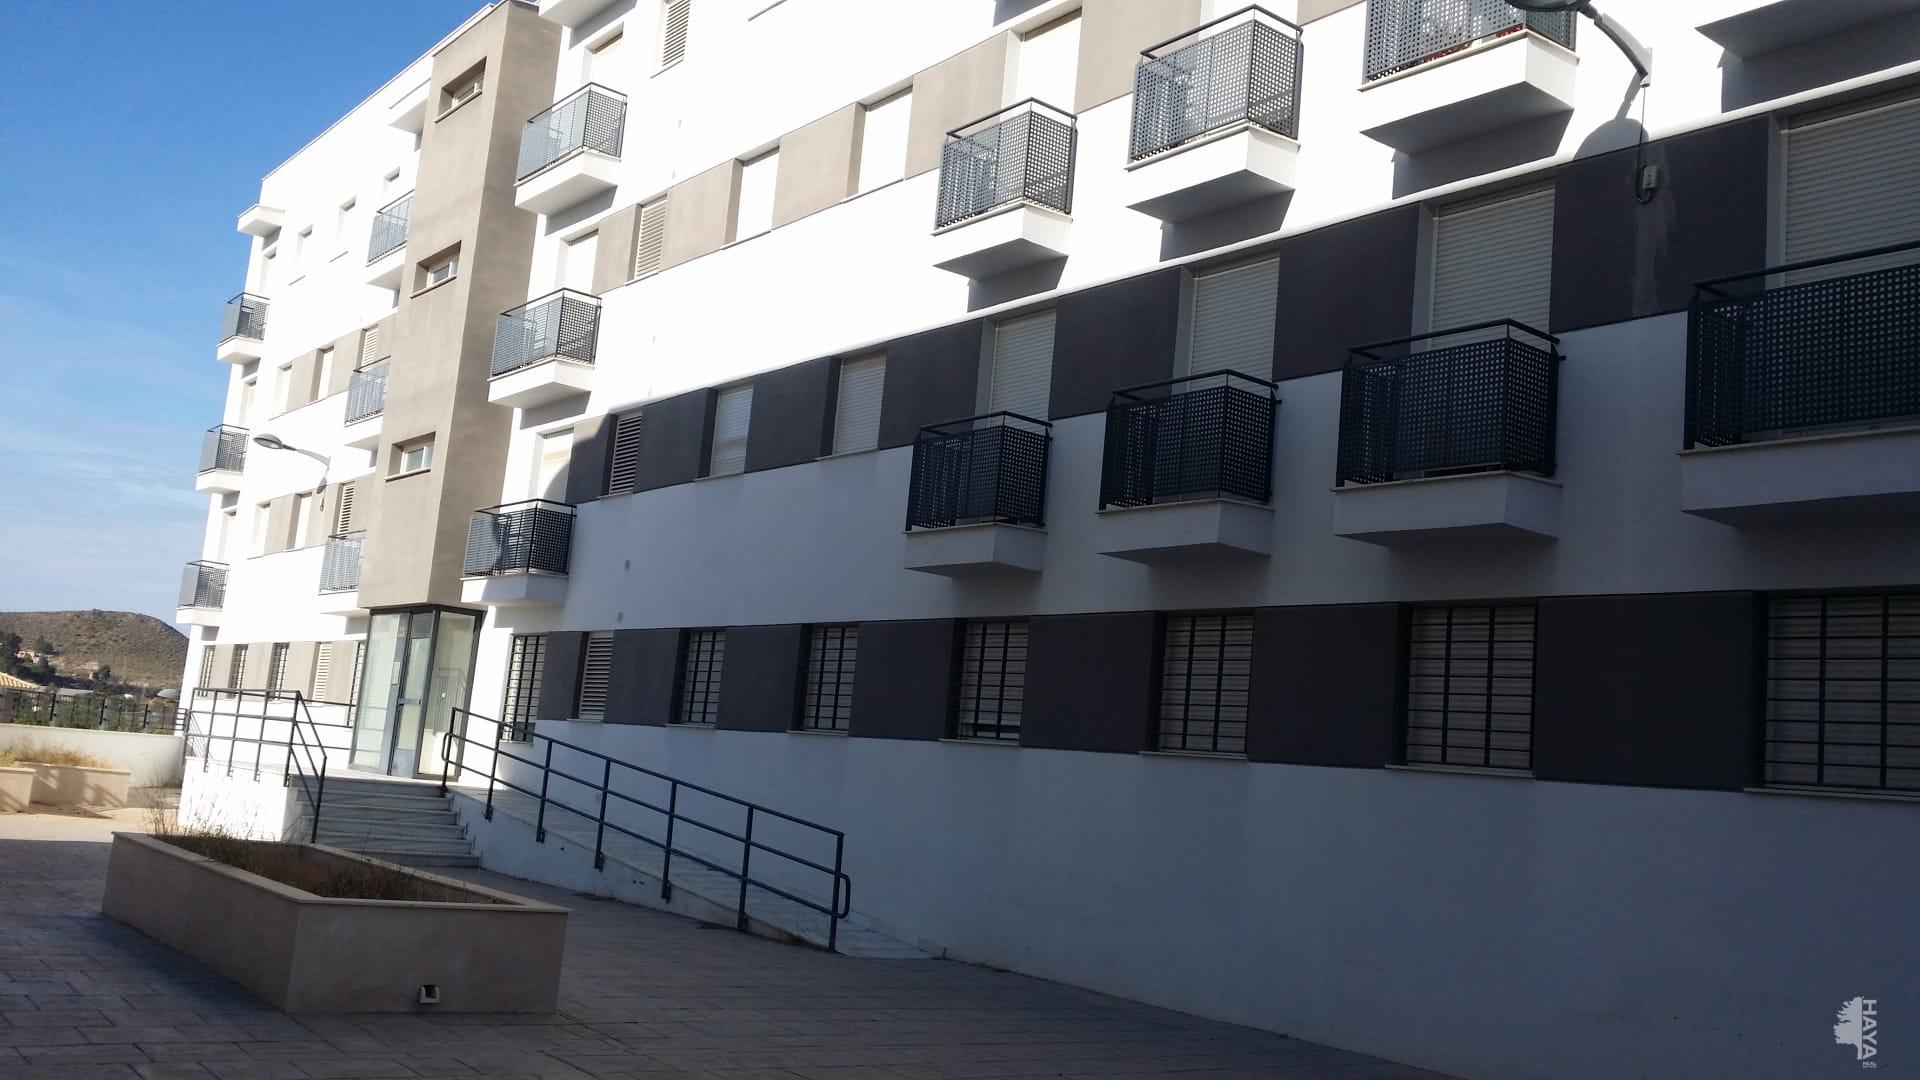 Piso en venta en Olula del Río, Almería, Calle Alta, 67.200 €, 3 habitaciones, 1 baño, 101 m2